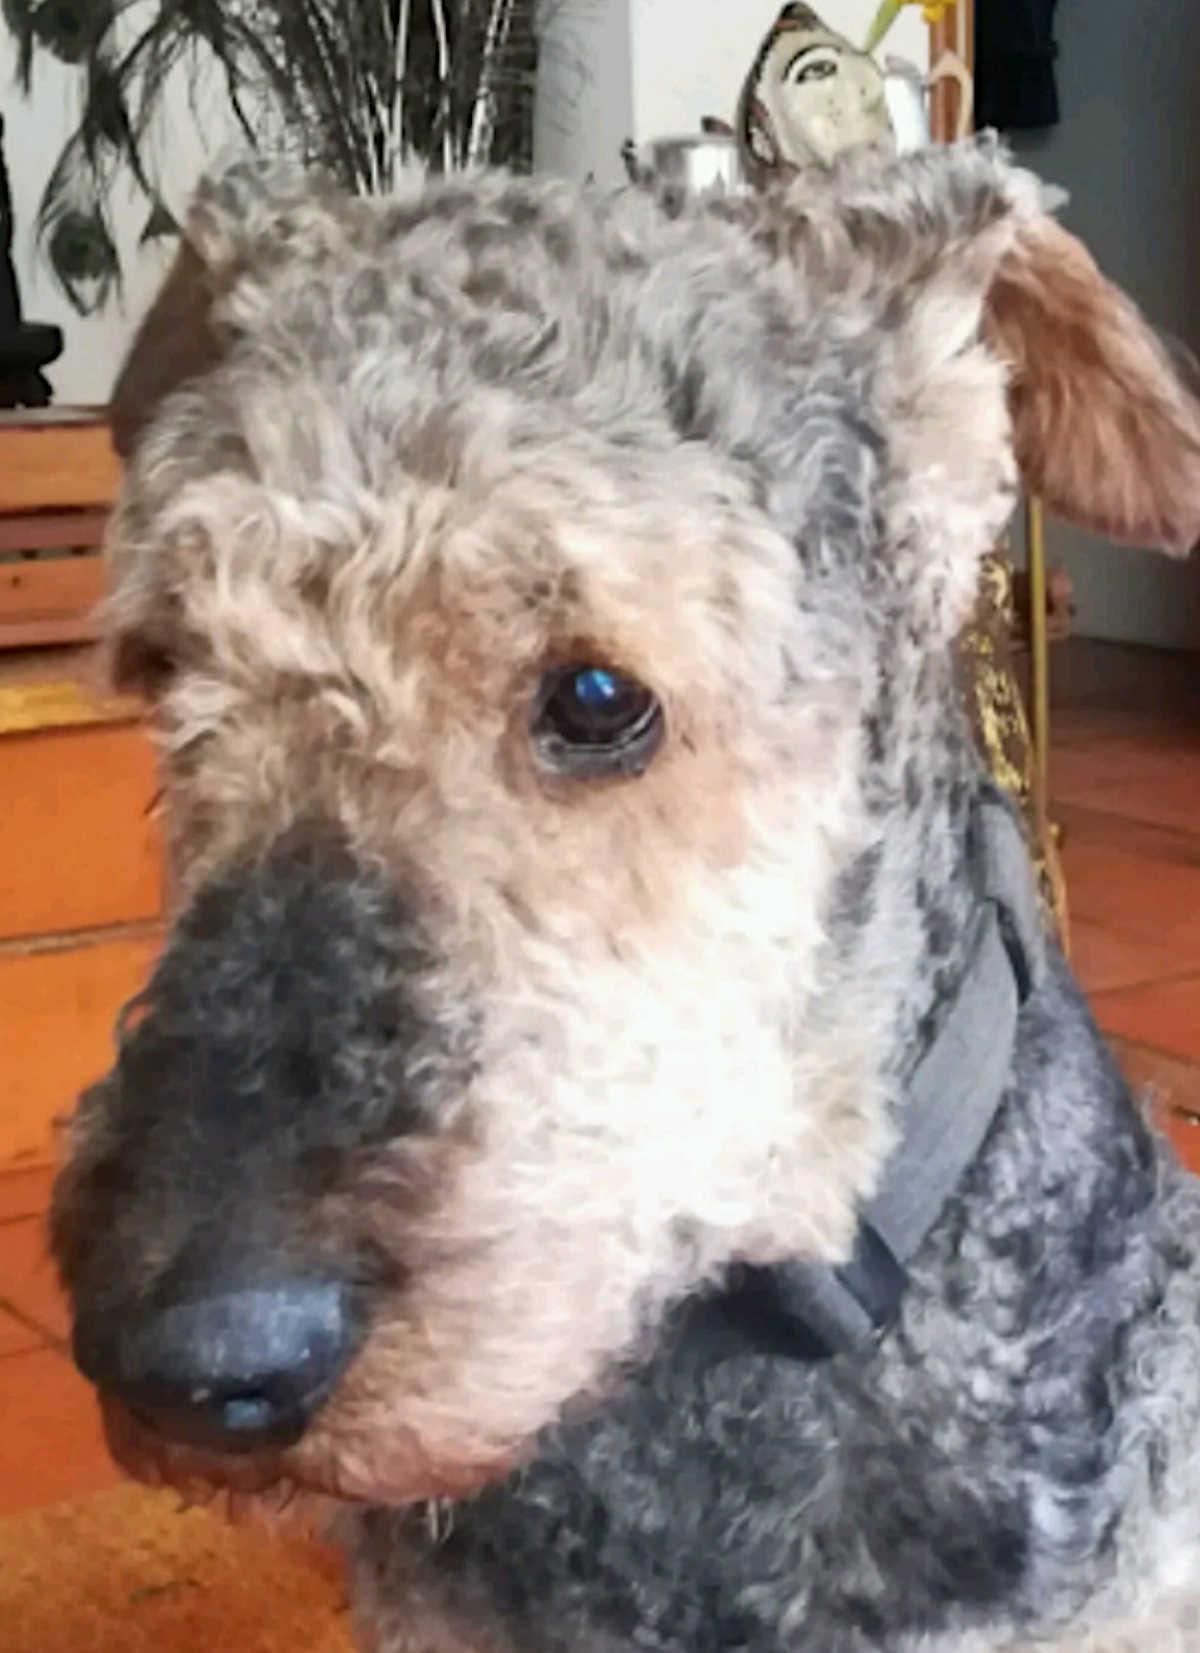 De cans: divagacións e contradicións (I)